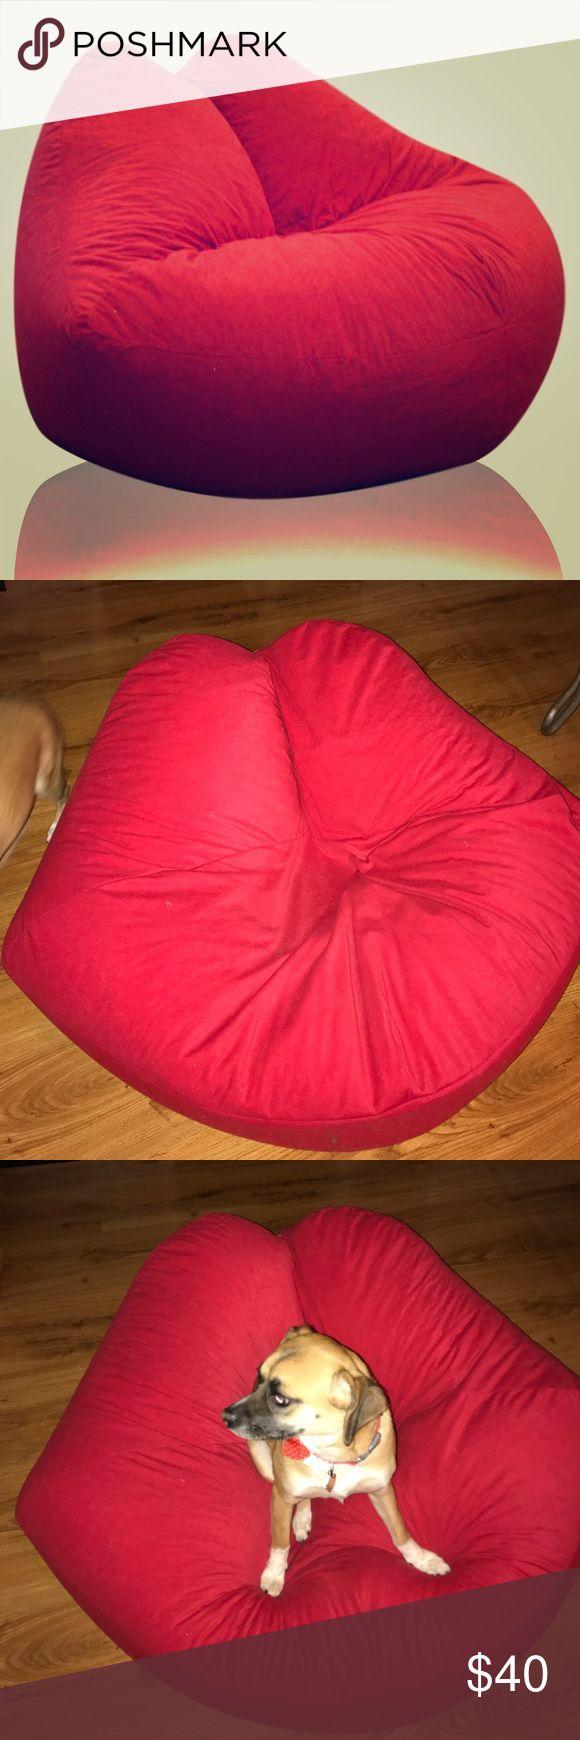 Kissy Lips Bean Bag Chair